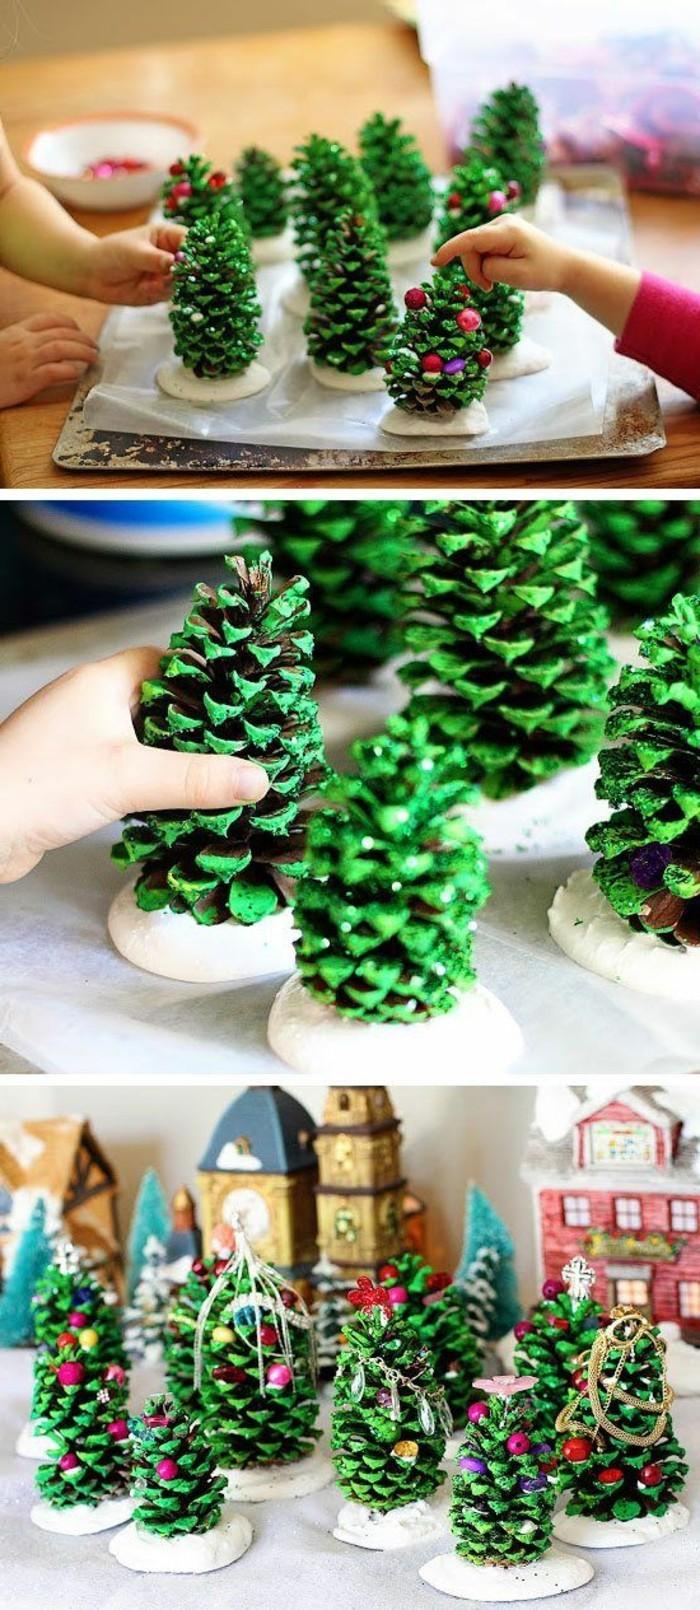 des-pommes-de-pin-peintes-en-couleur-verte-decorer-de-petites-boules-de-differentes-couleurs-deco-noel-a-fabriquer-soi-meme